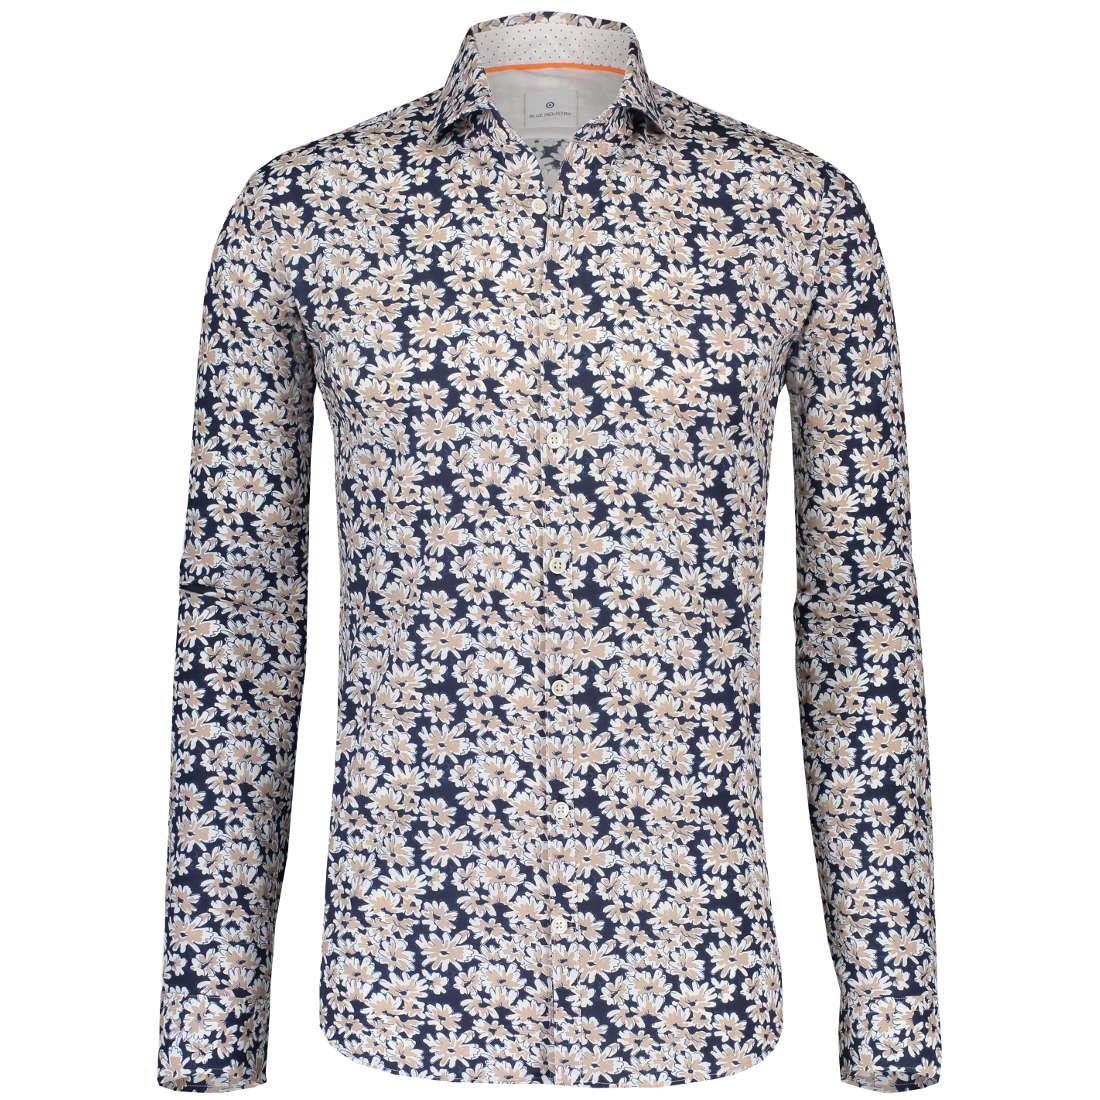 Blue Industry overhemd 1239-91 in het Beige